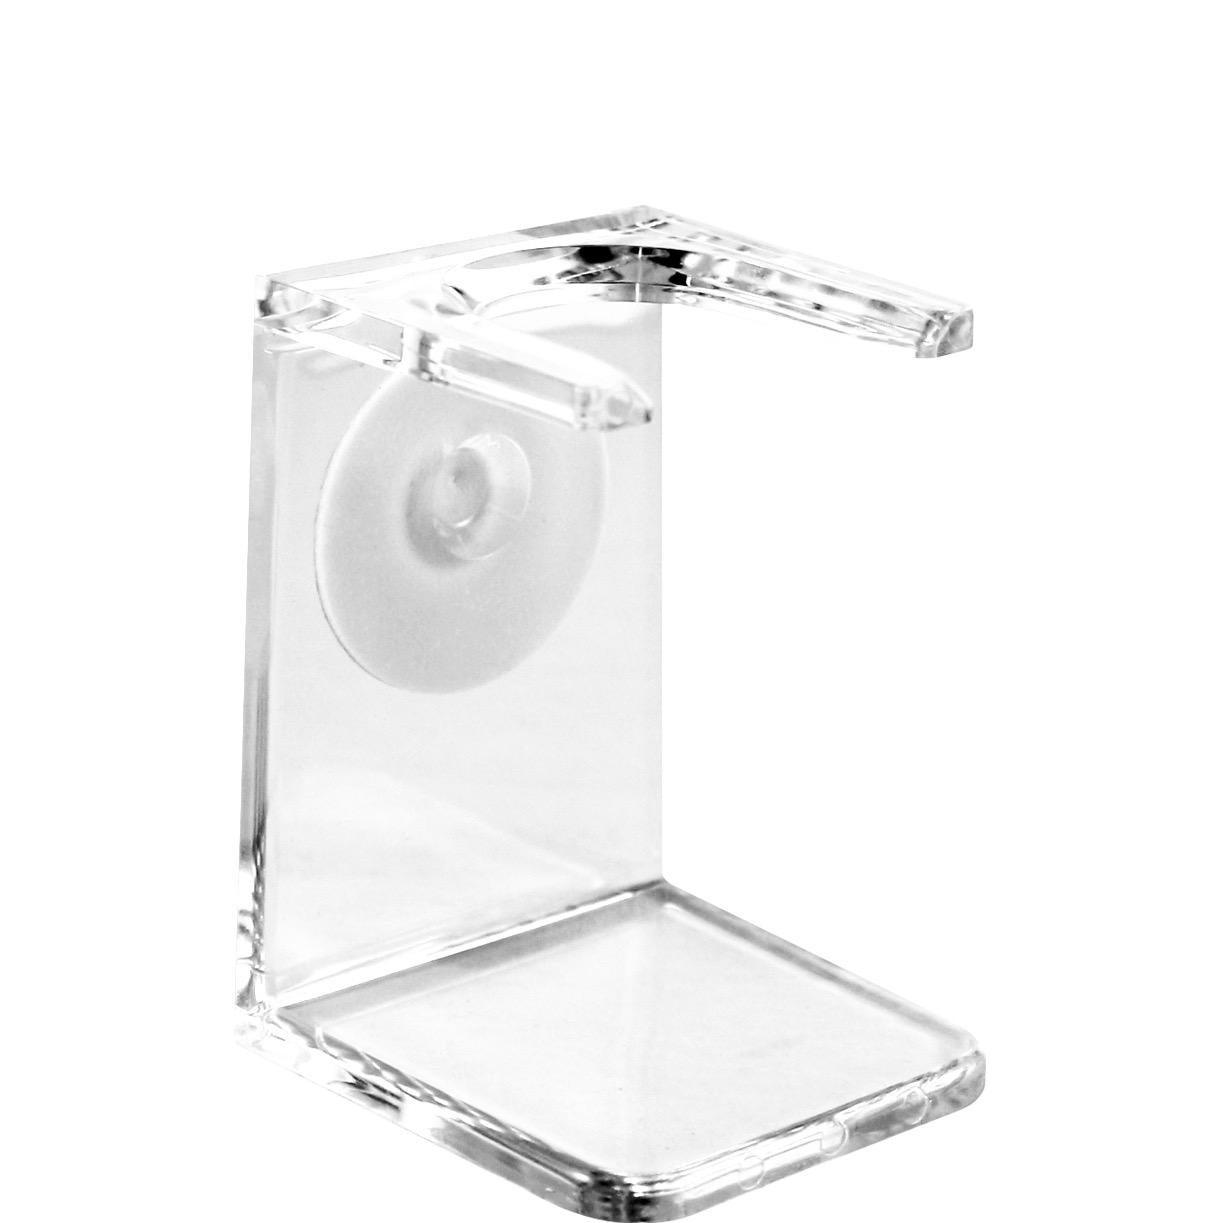 Houder voor scheerkwast transparant